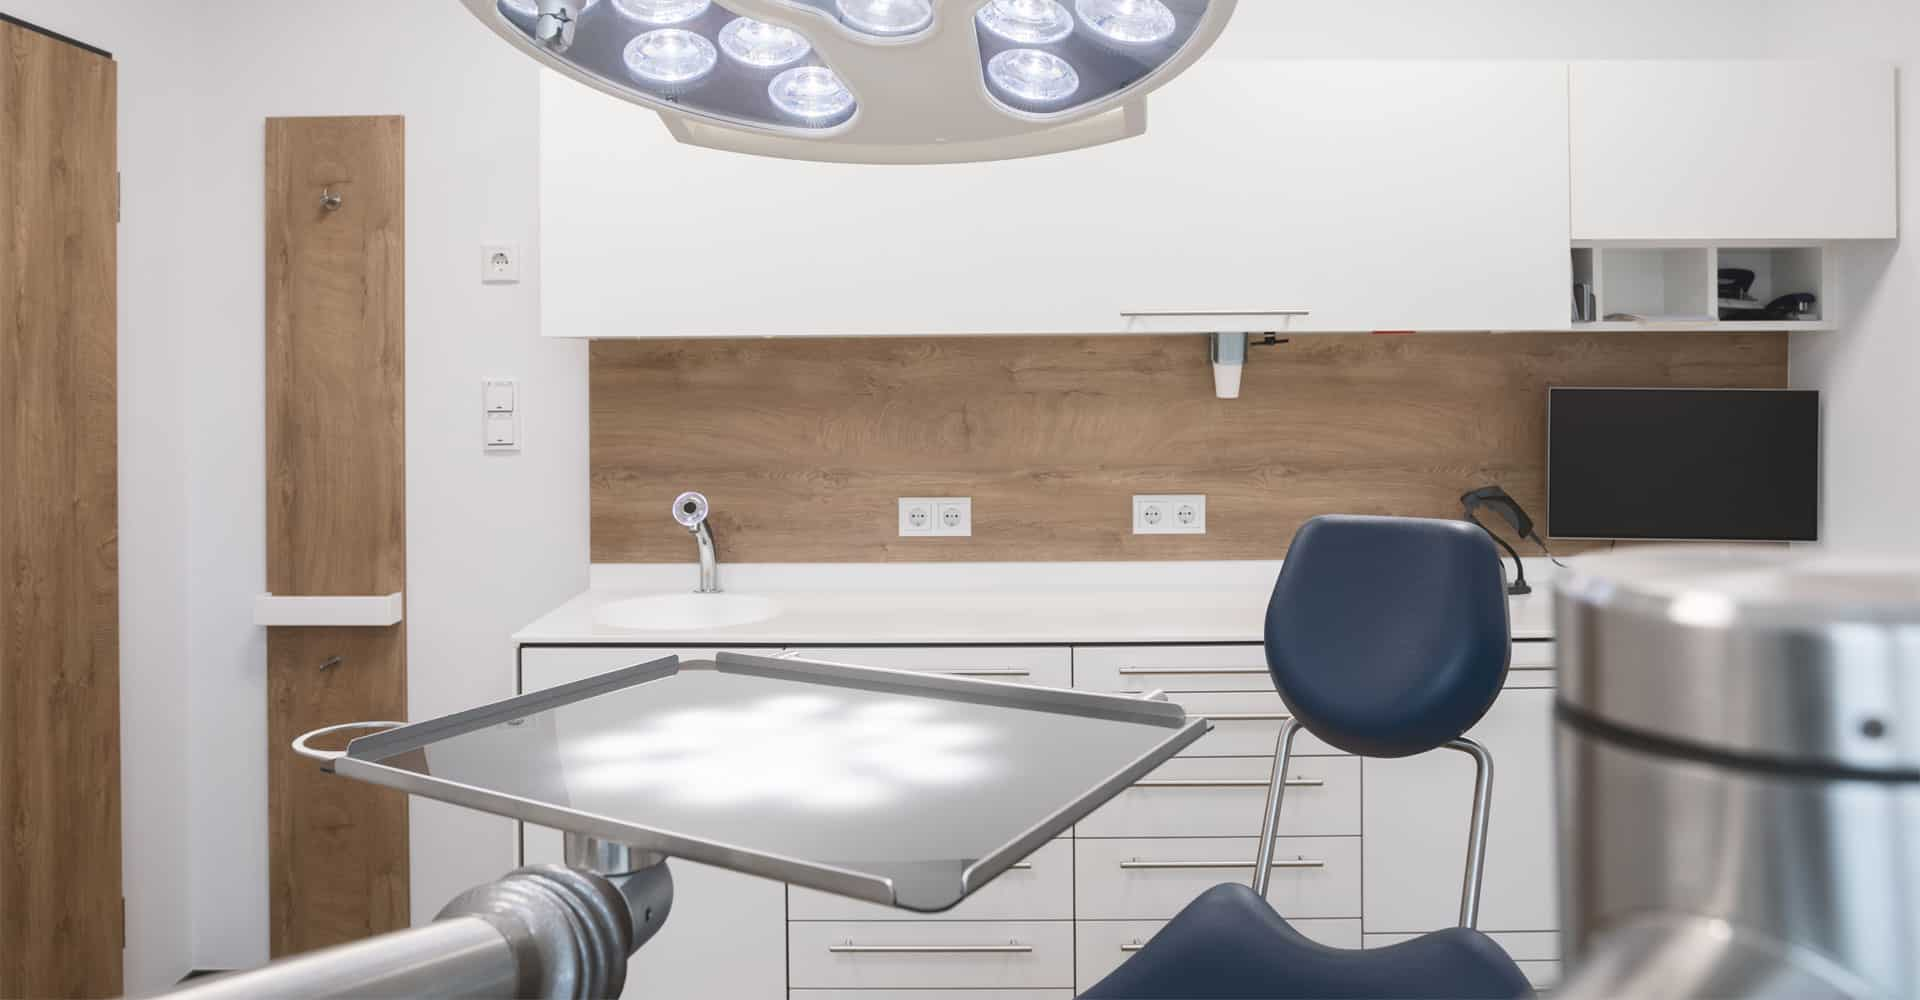 Zahnarztpraxis Brückner Dresden Behandlungsraum